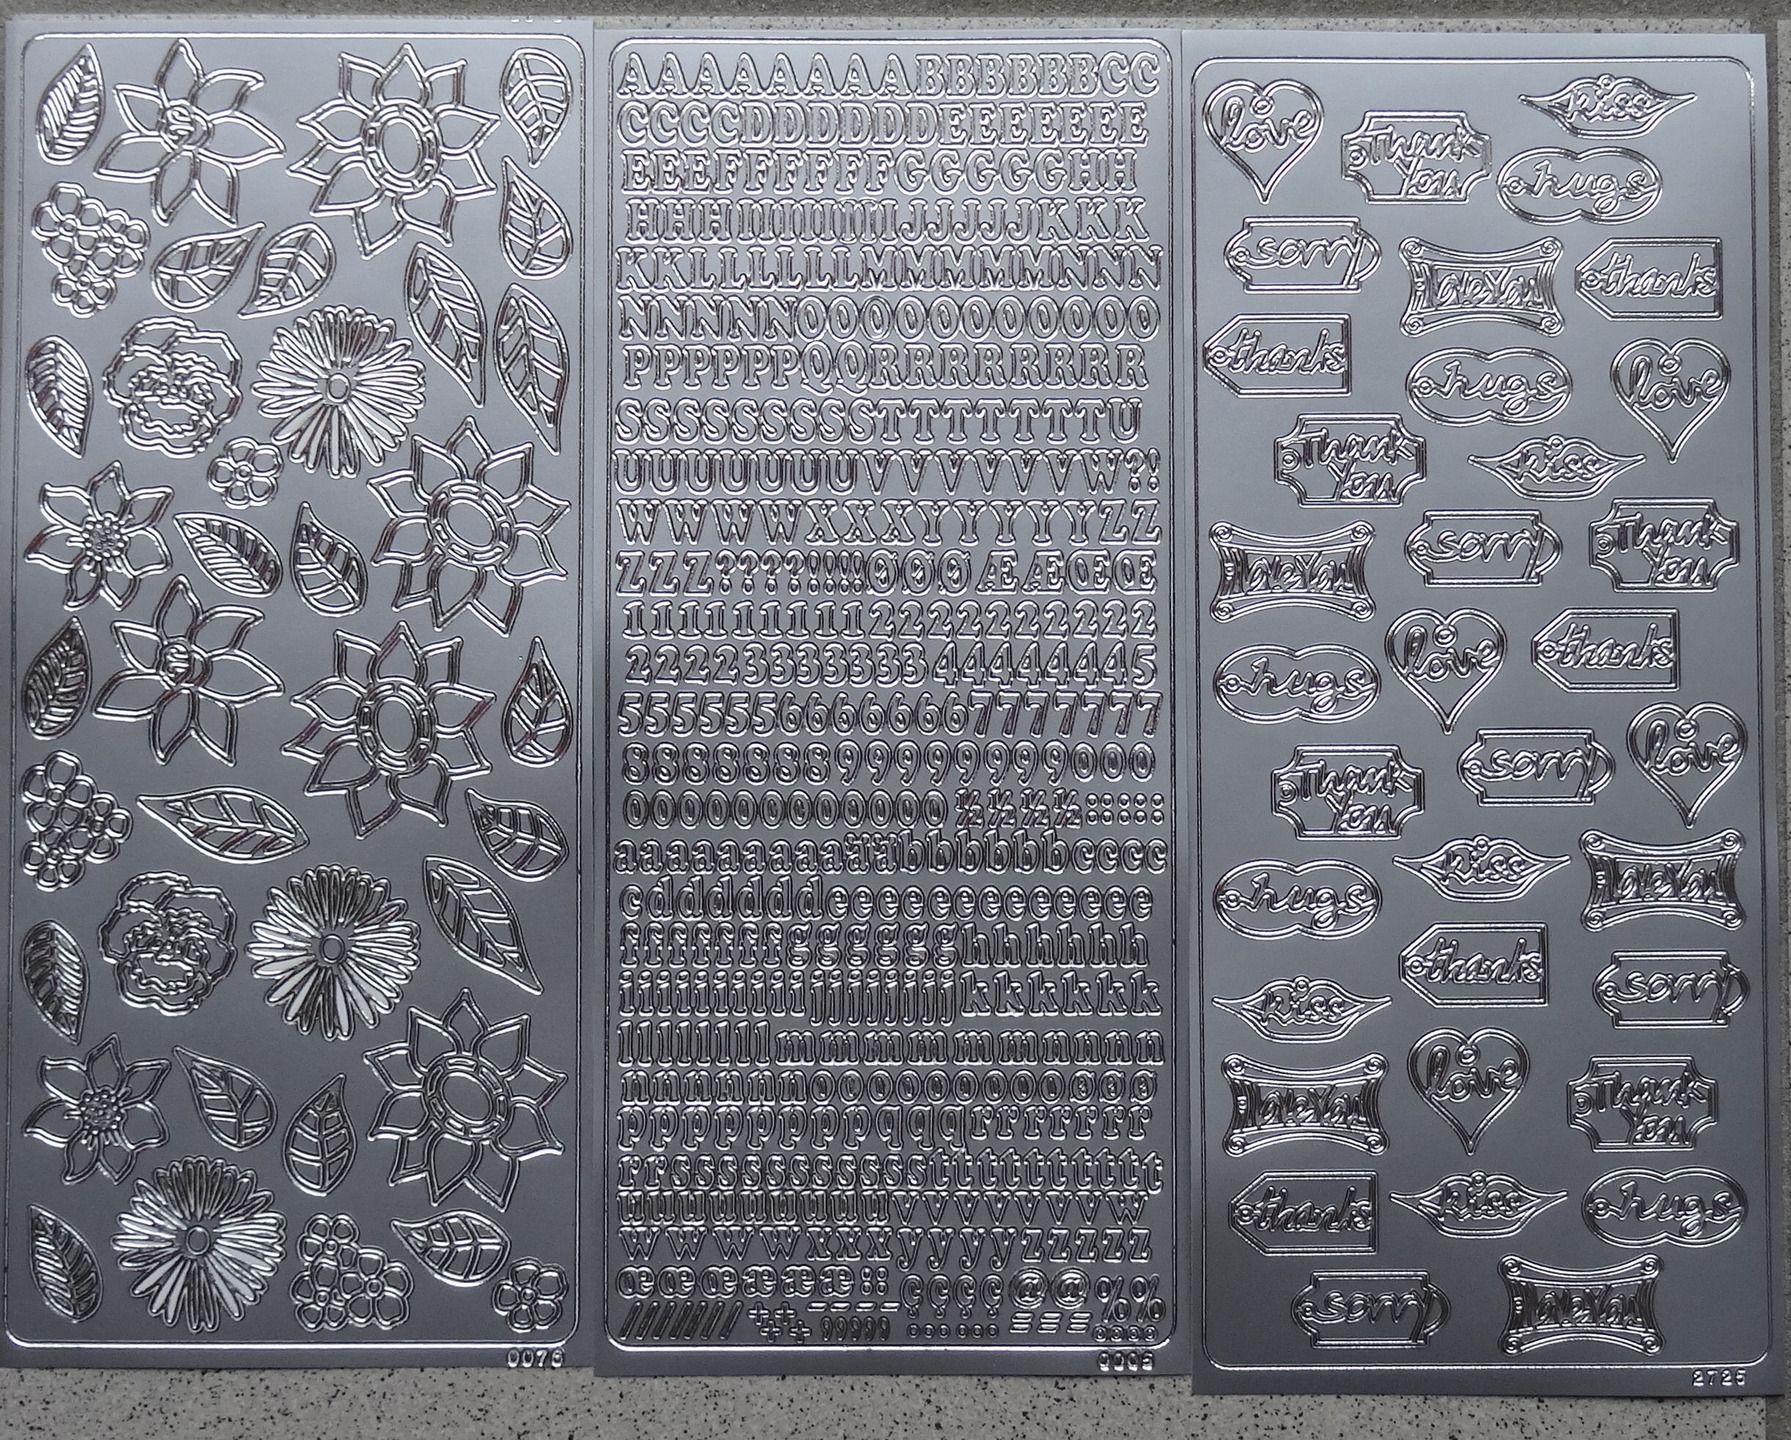 Lot de 3 planches de stickers Peel off pour scrapbooking ou carterie : Stickers, autocollants par happy-scrap-arts